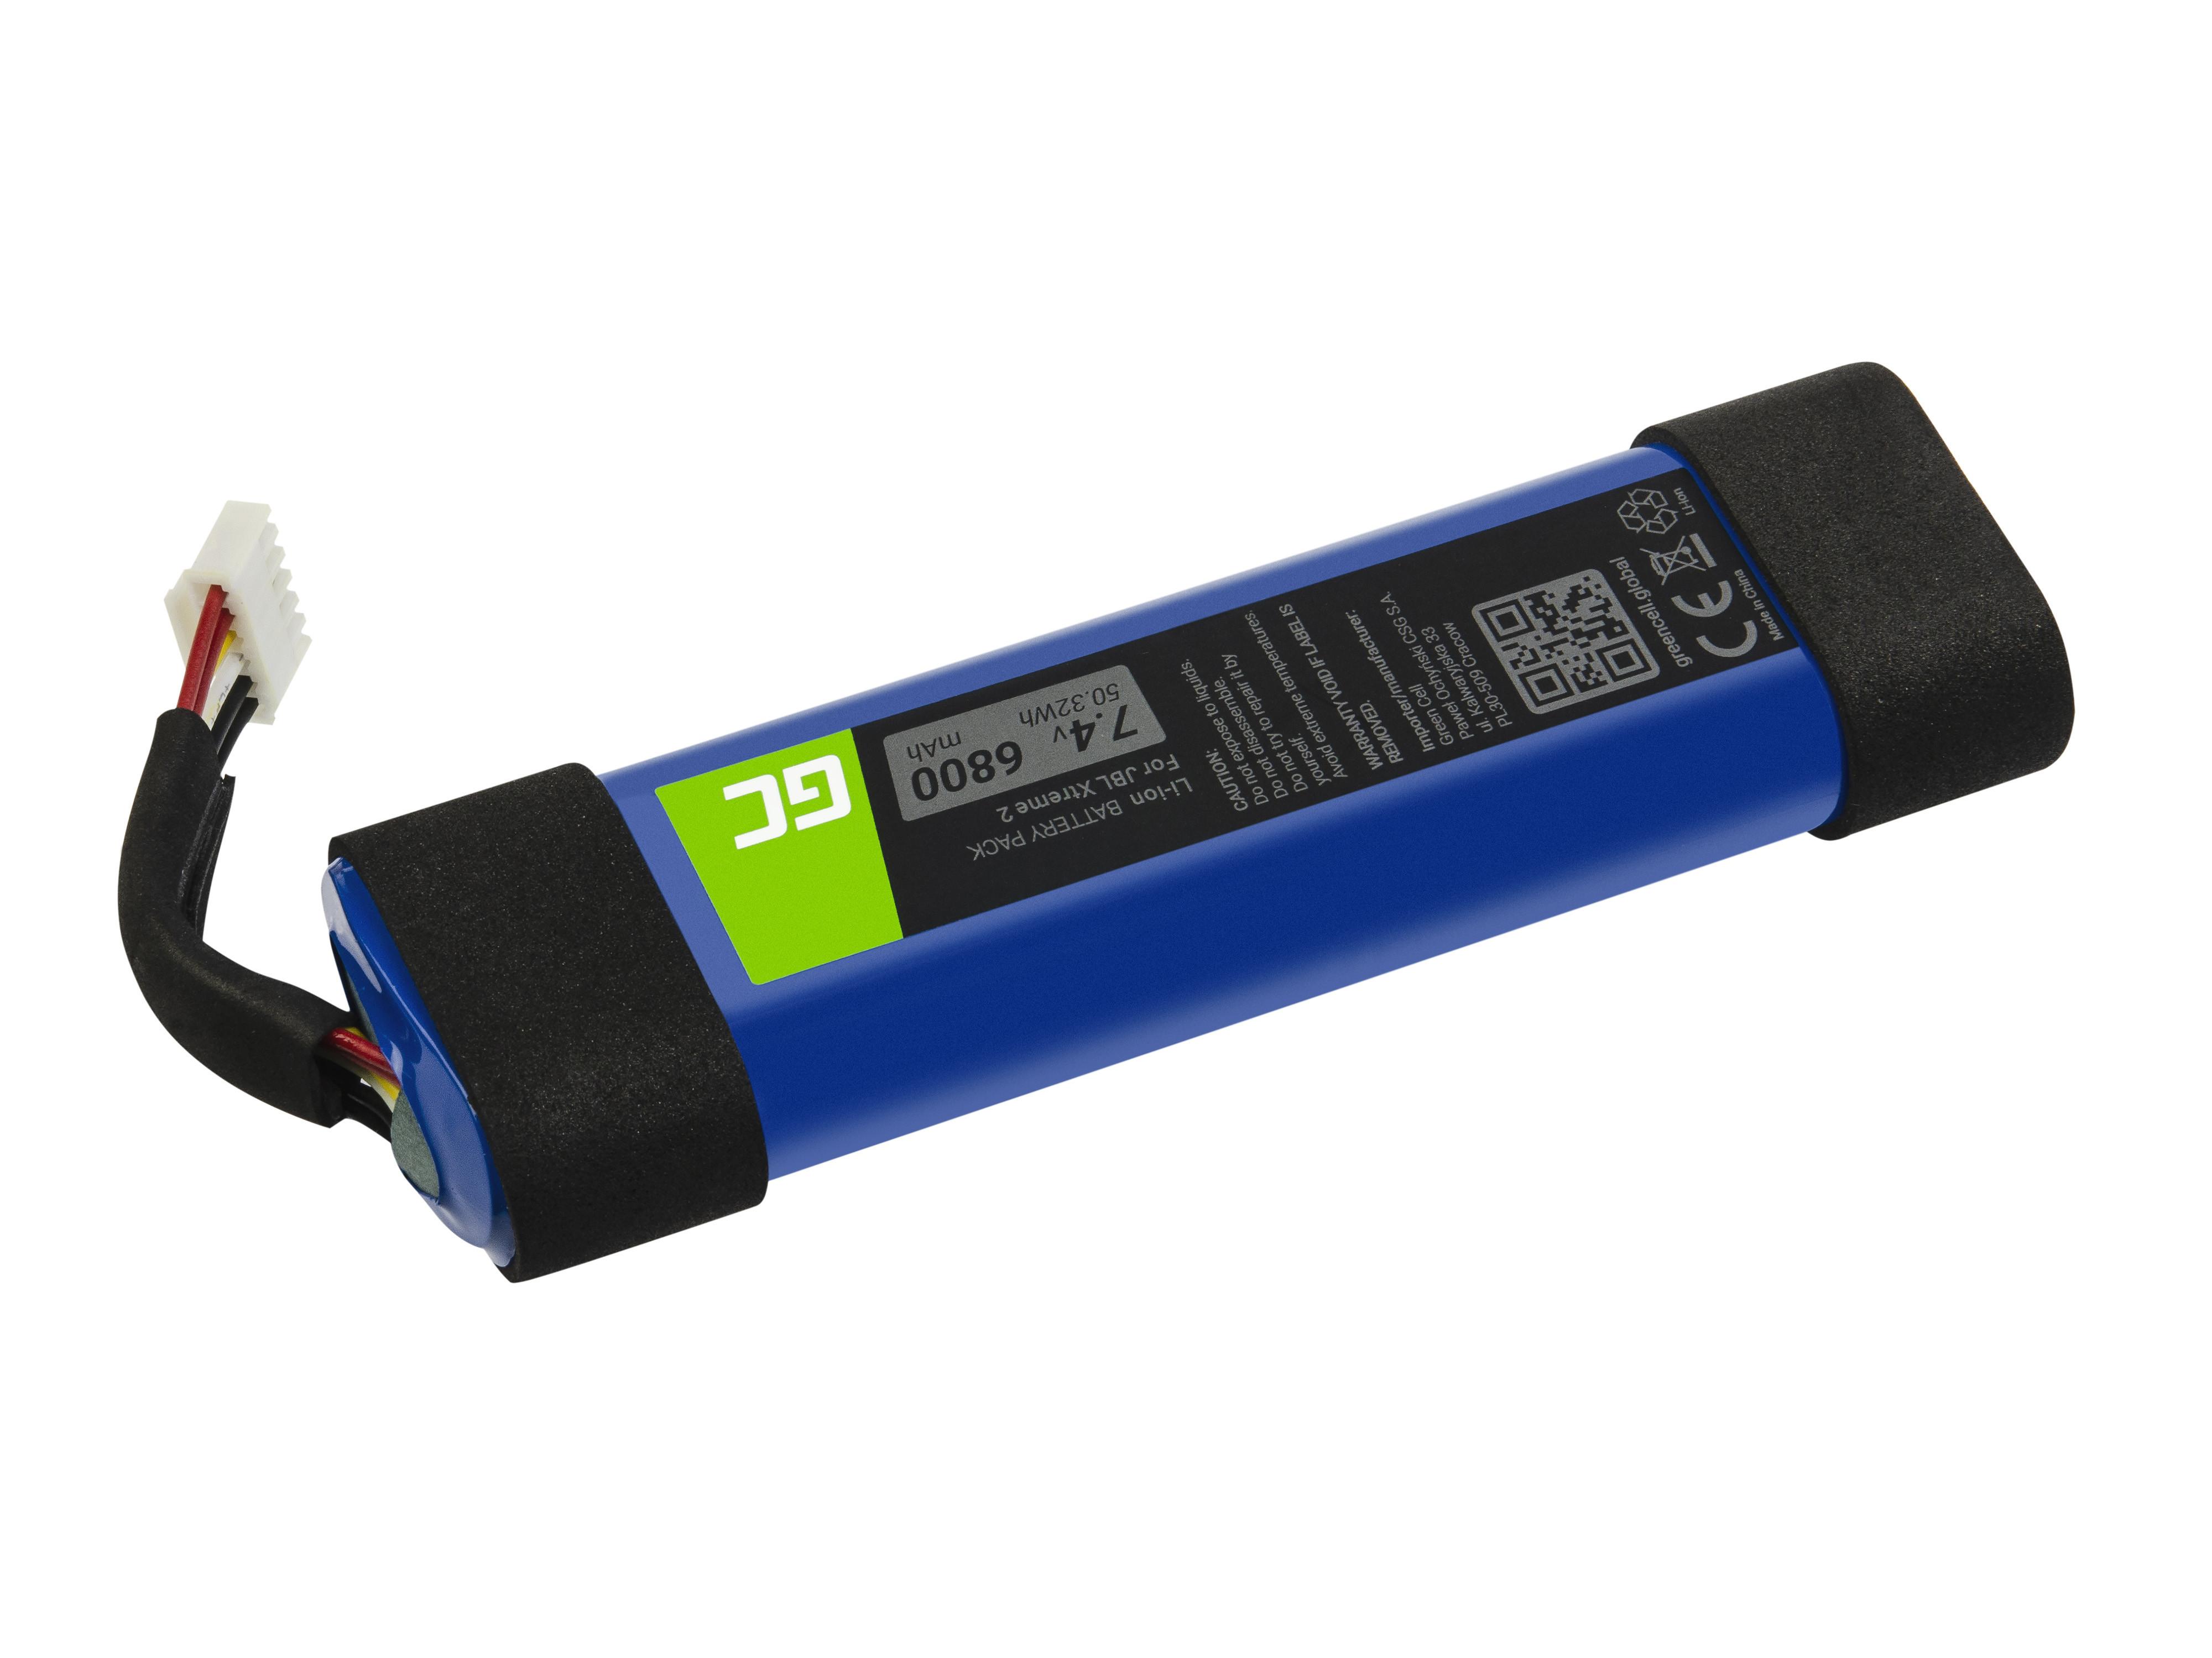 Batteri 2INR19/66-2 gör głośnika JBL Xtreme 2